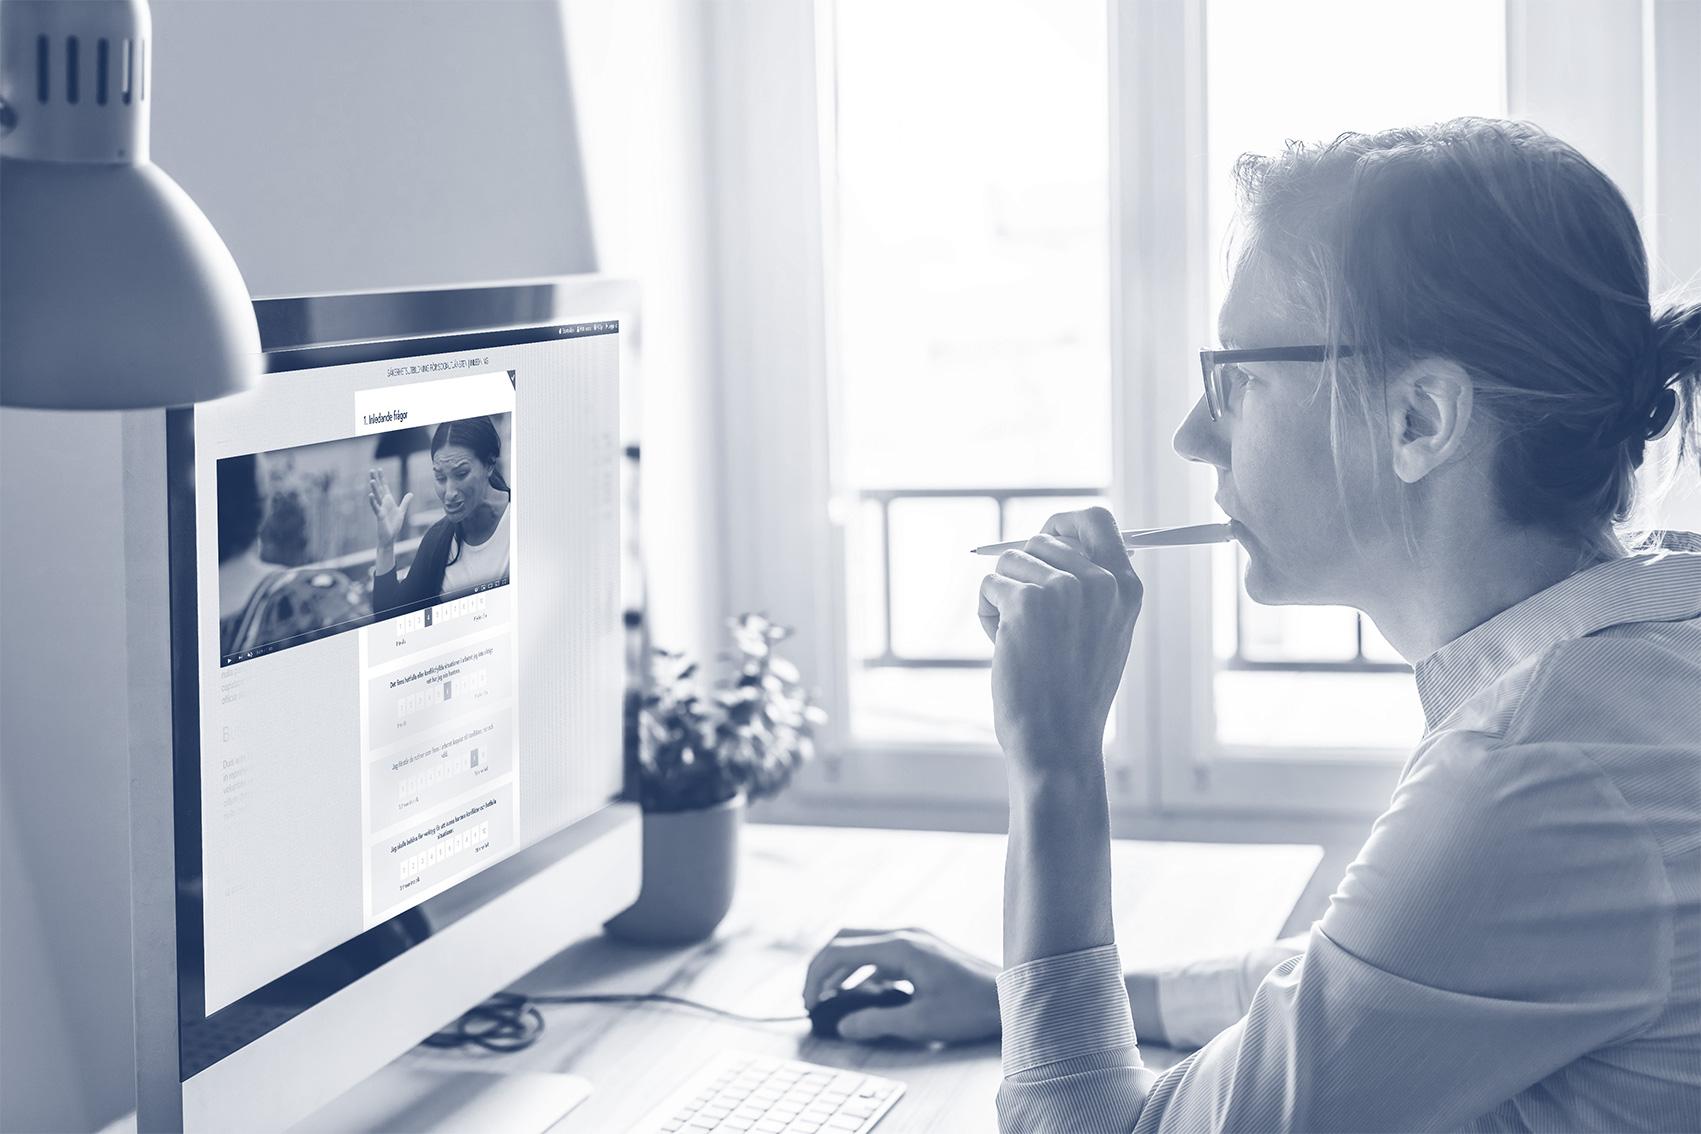 Webbutbildningen innehåller film, interaktiva kunskapssidor, frågor, intervjuer och exempel